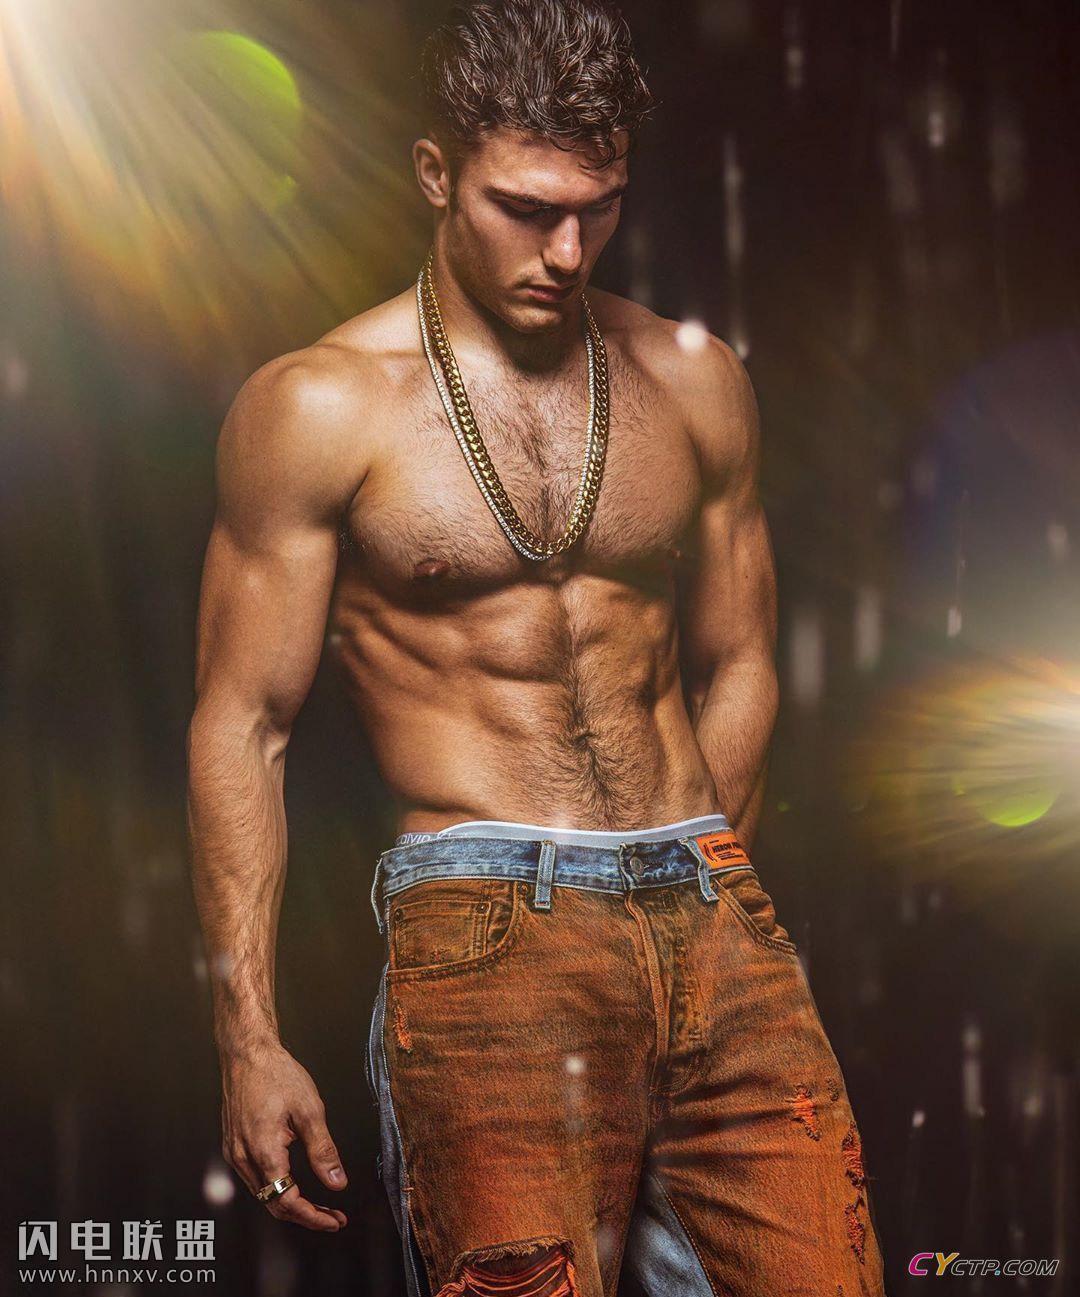 欧美性感肌肉男高清私房写真照片